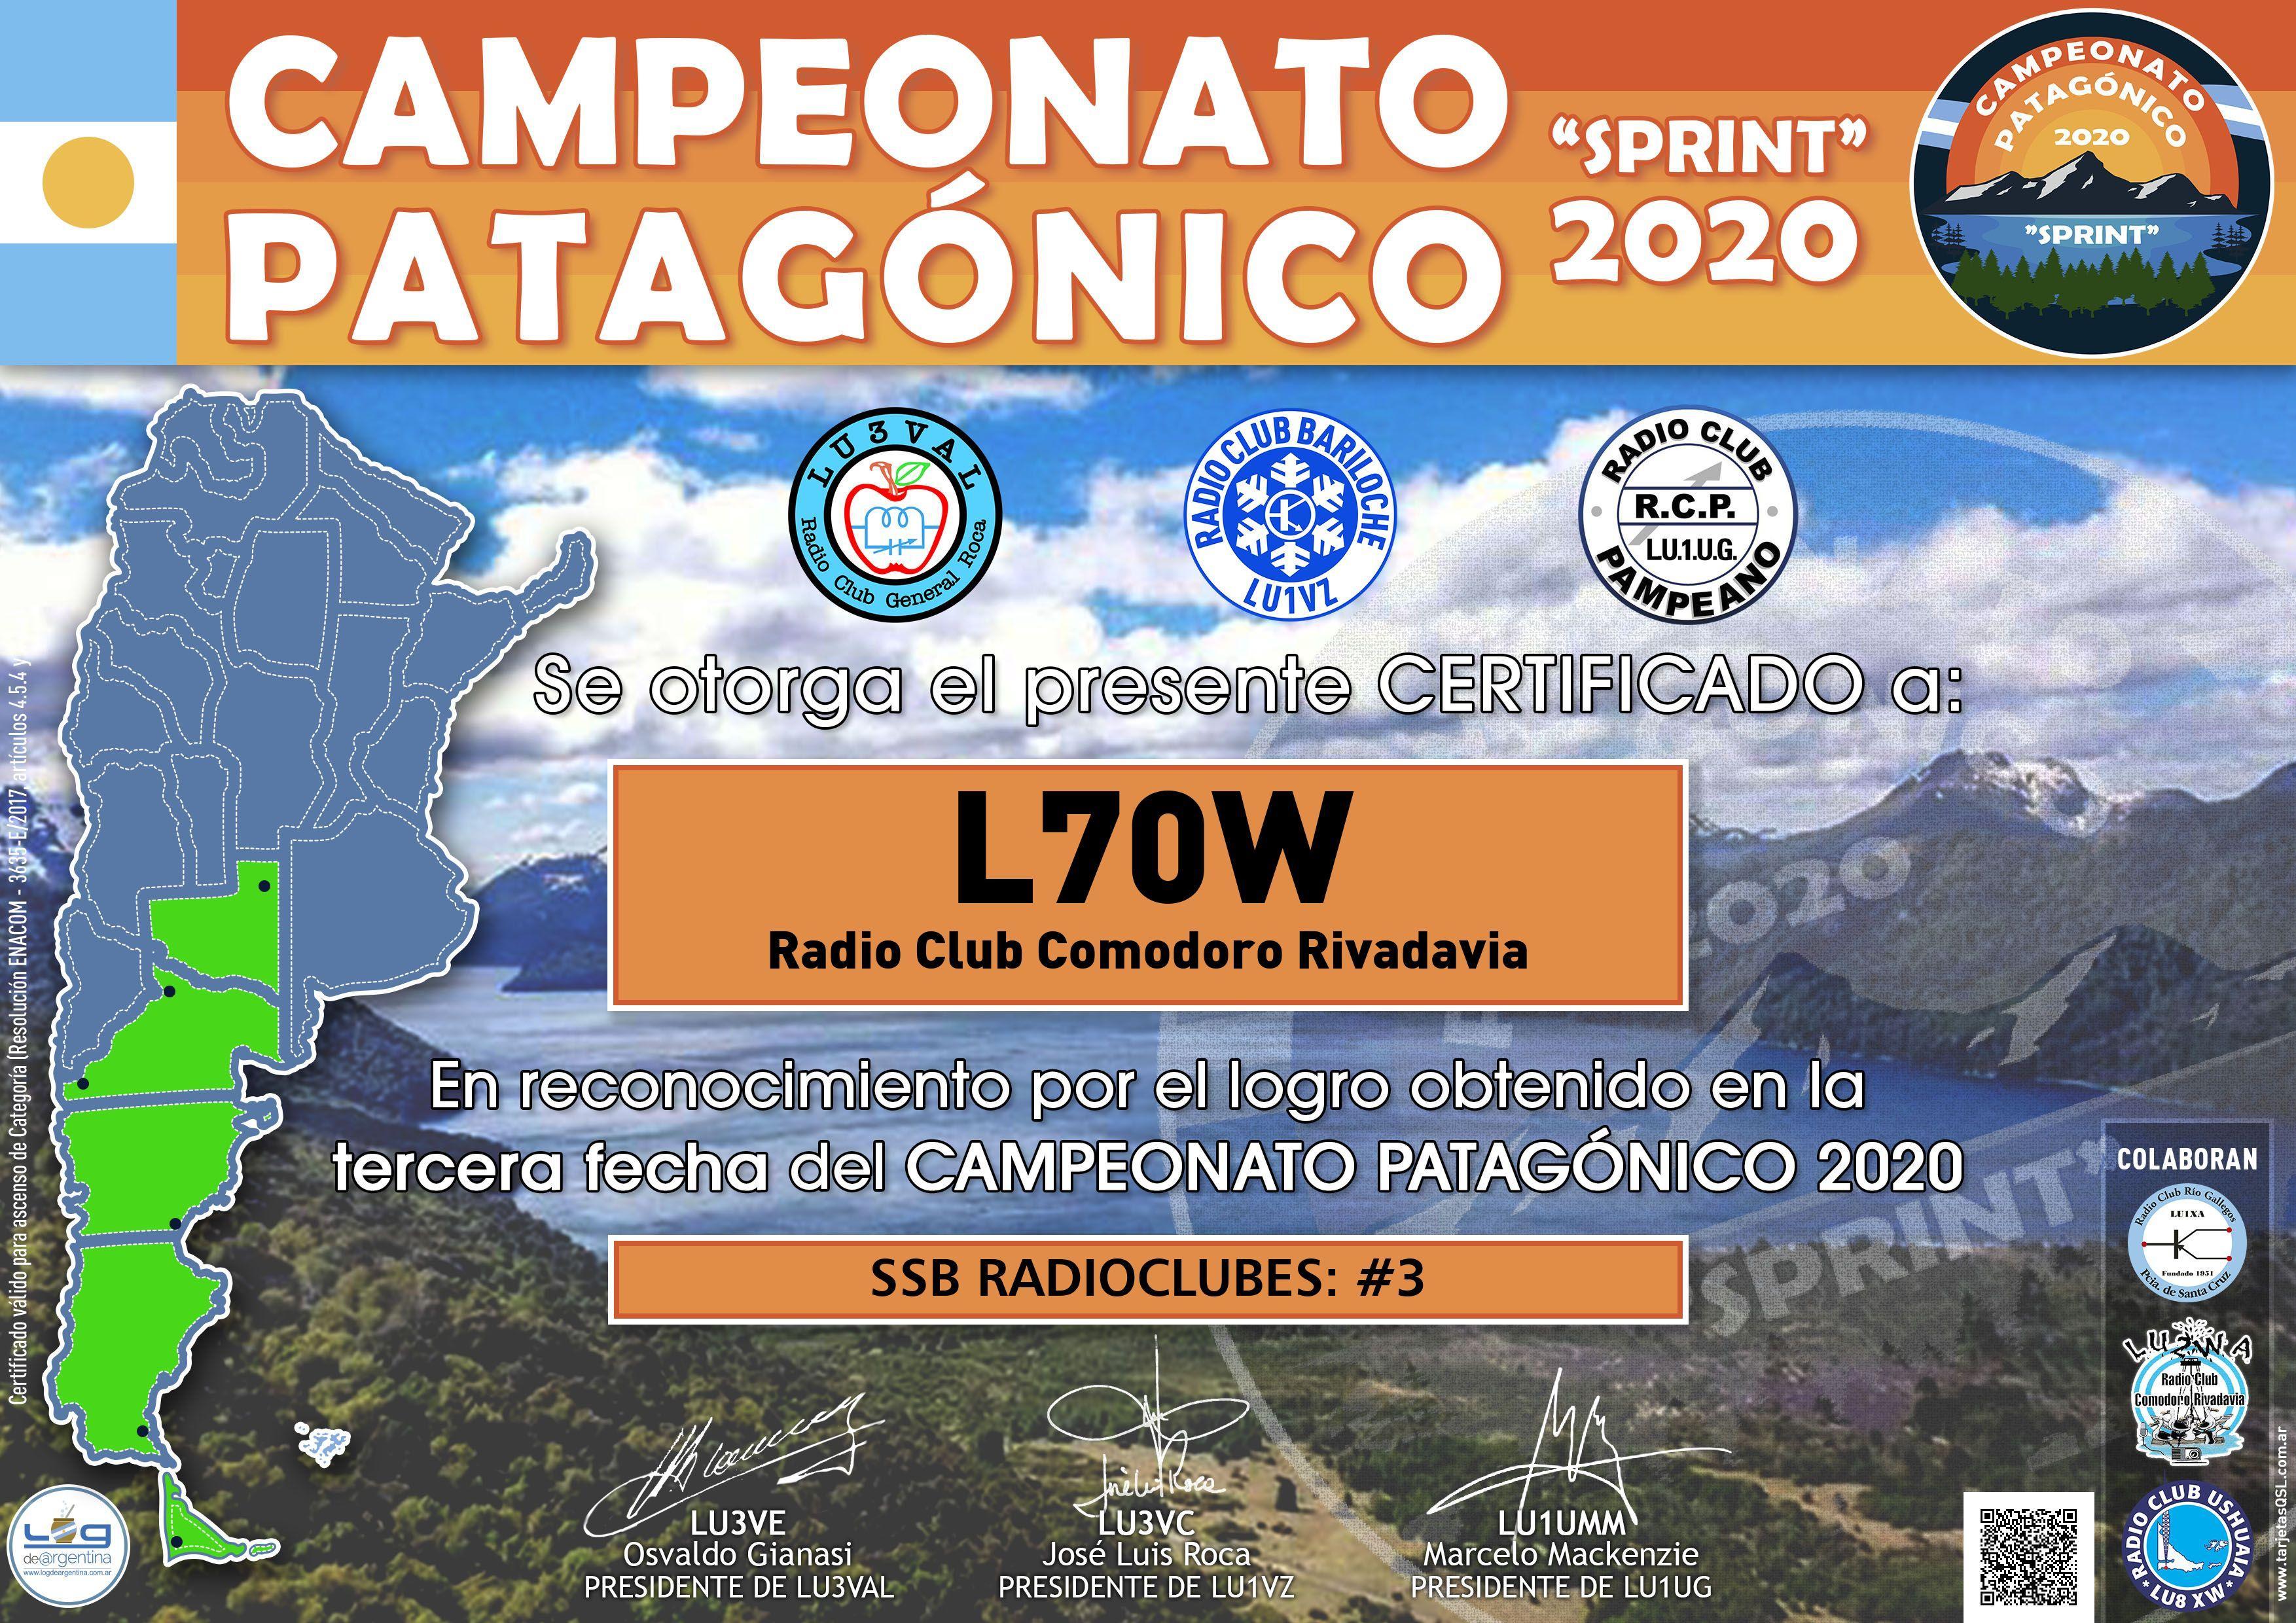 Resultados 3ra. fecha Campeonato Patagónico 2020